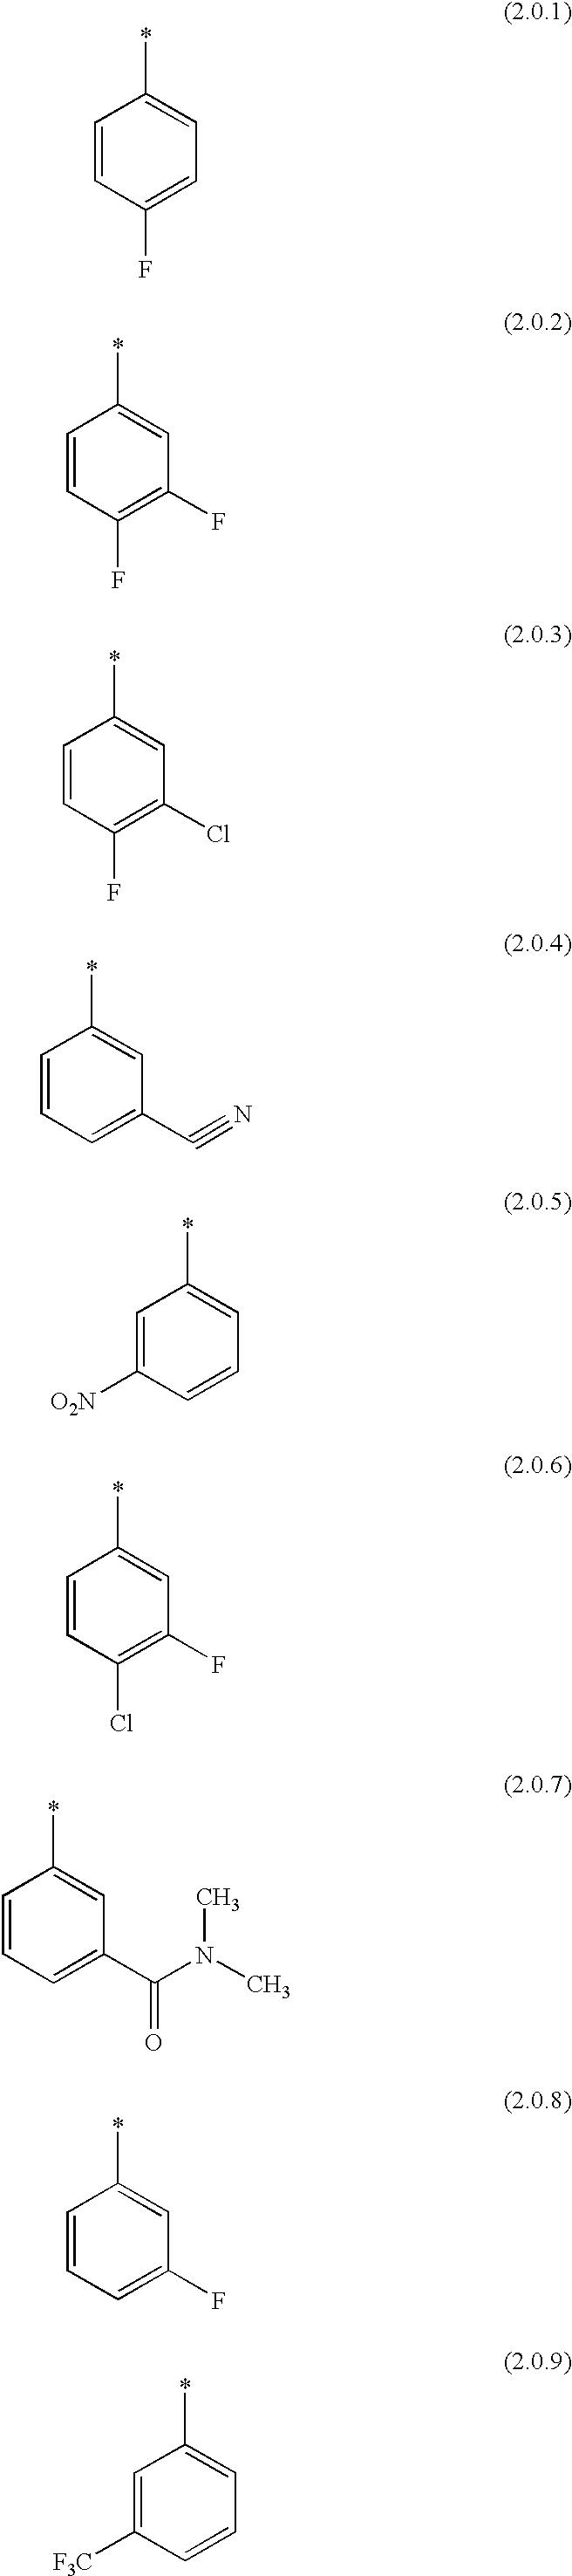 Figure US20020123520A1-20020905-C00080